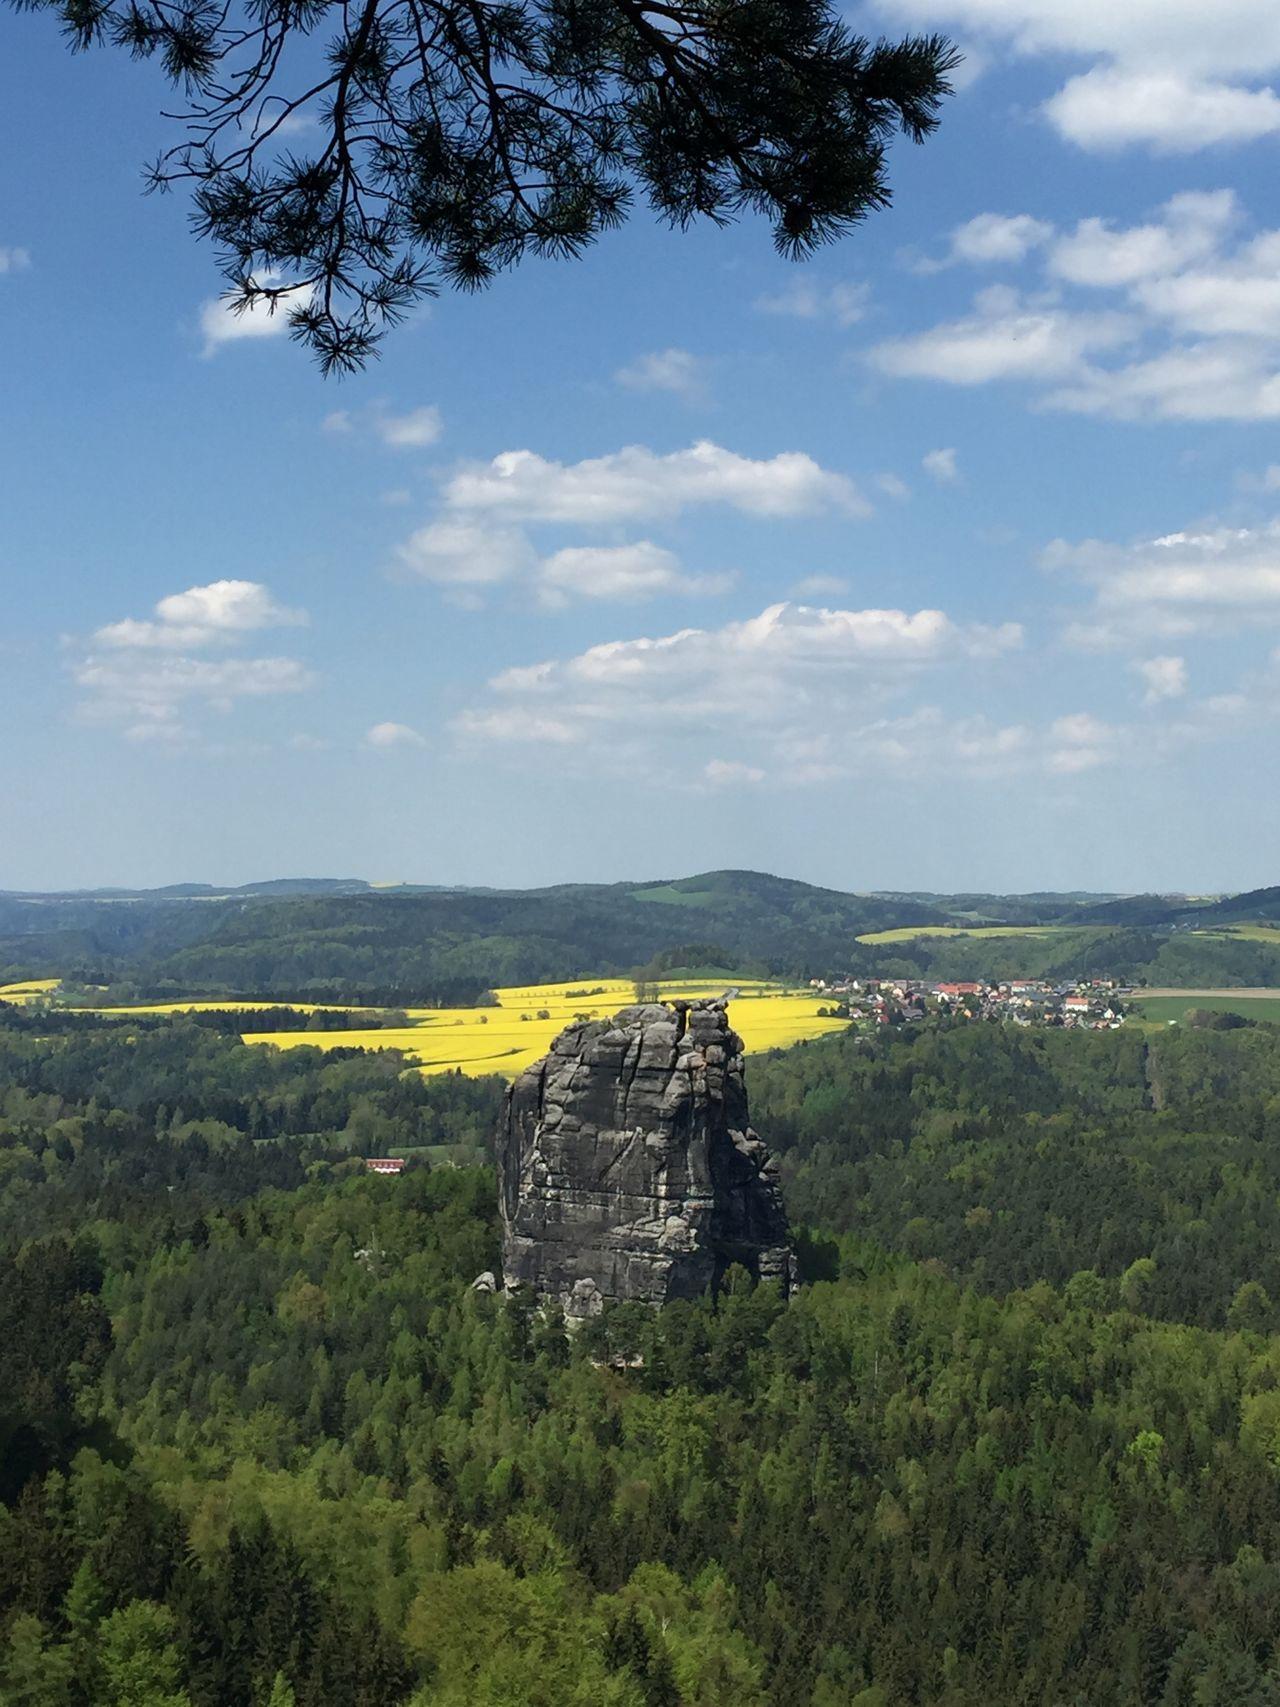 Affenfels Beauty In Nature Forrest Germany Landscape Landscape_Collection Nationalpark Nationalparks Nature Nature Outdoors Sachsen Scenics Schrammsteine Sky Summer Sächsische Schweiz Sächsischeschweiz Tranquil Scene Tree Wald